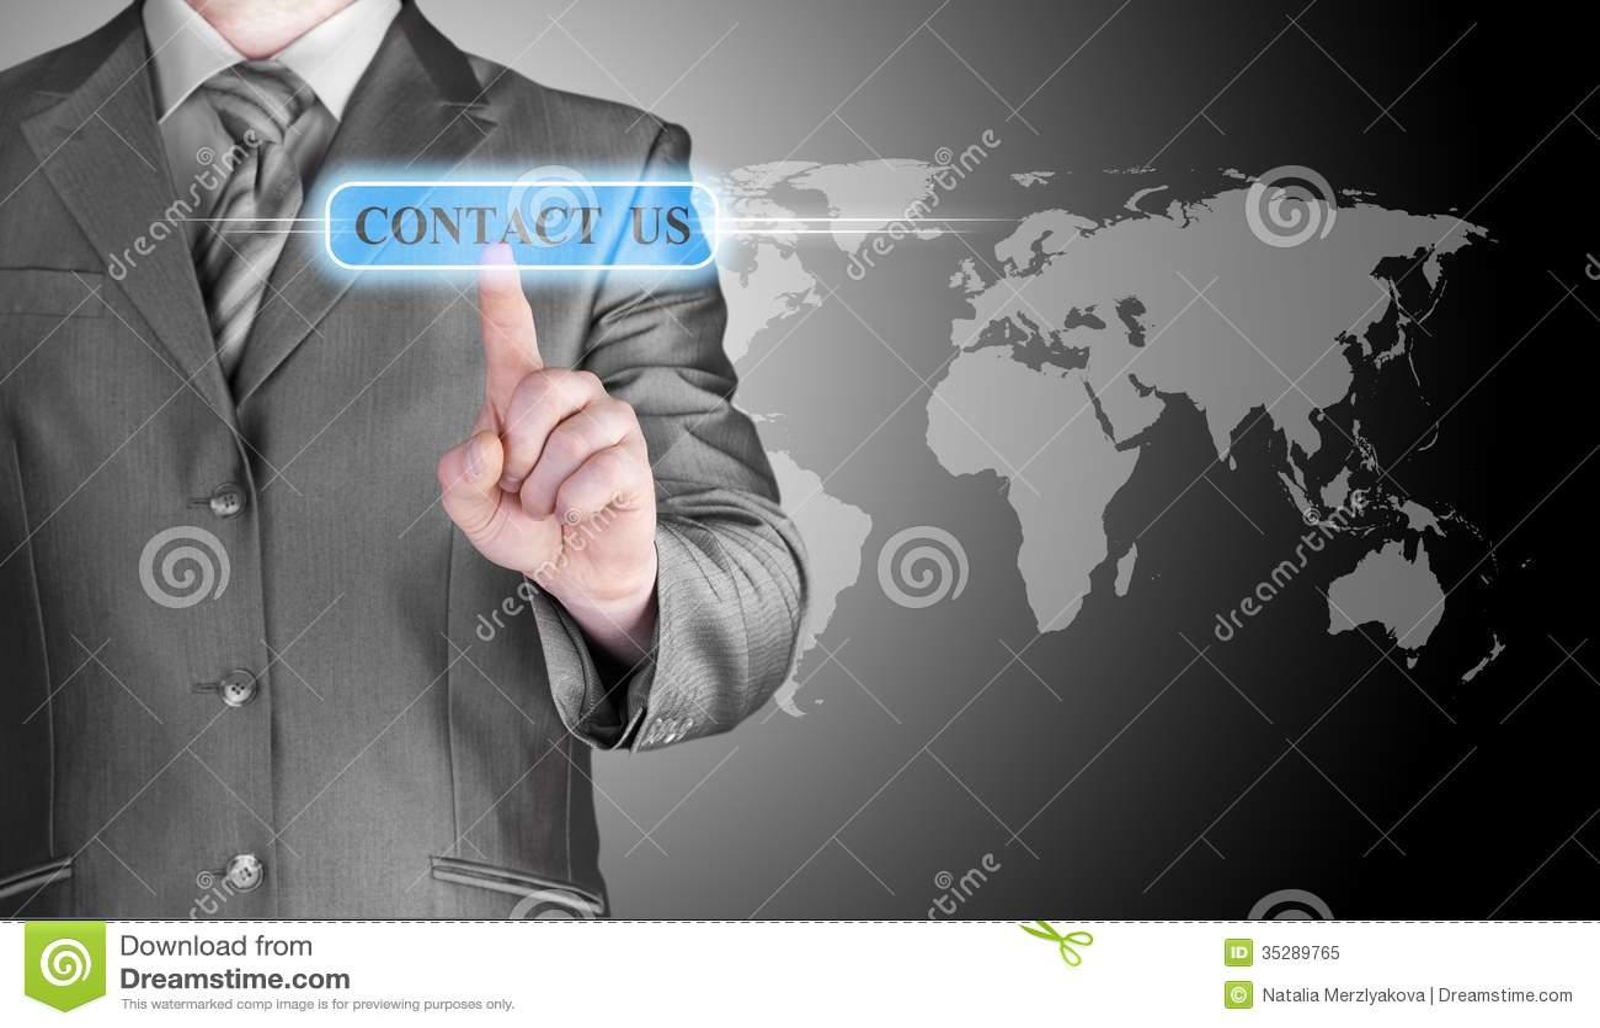 手按的商人与我们联系按钮